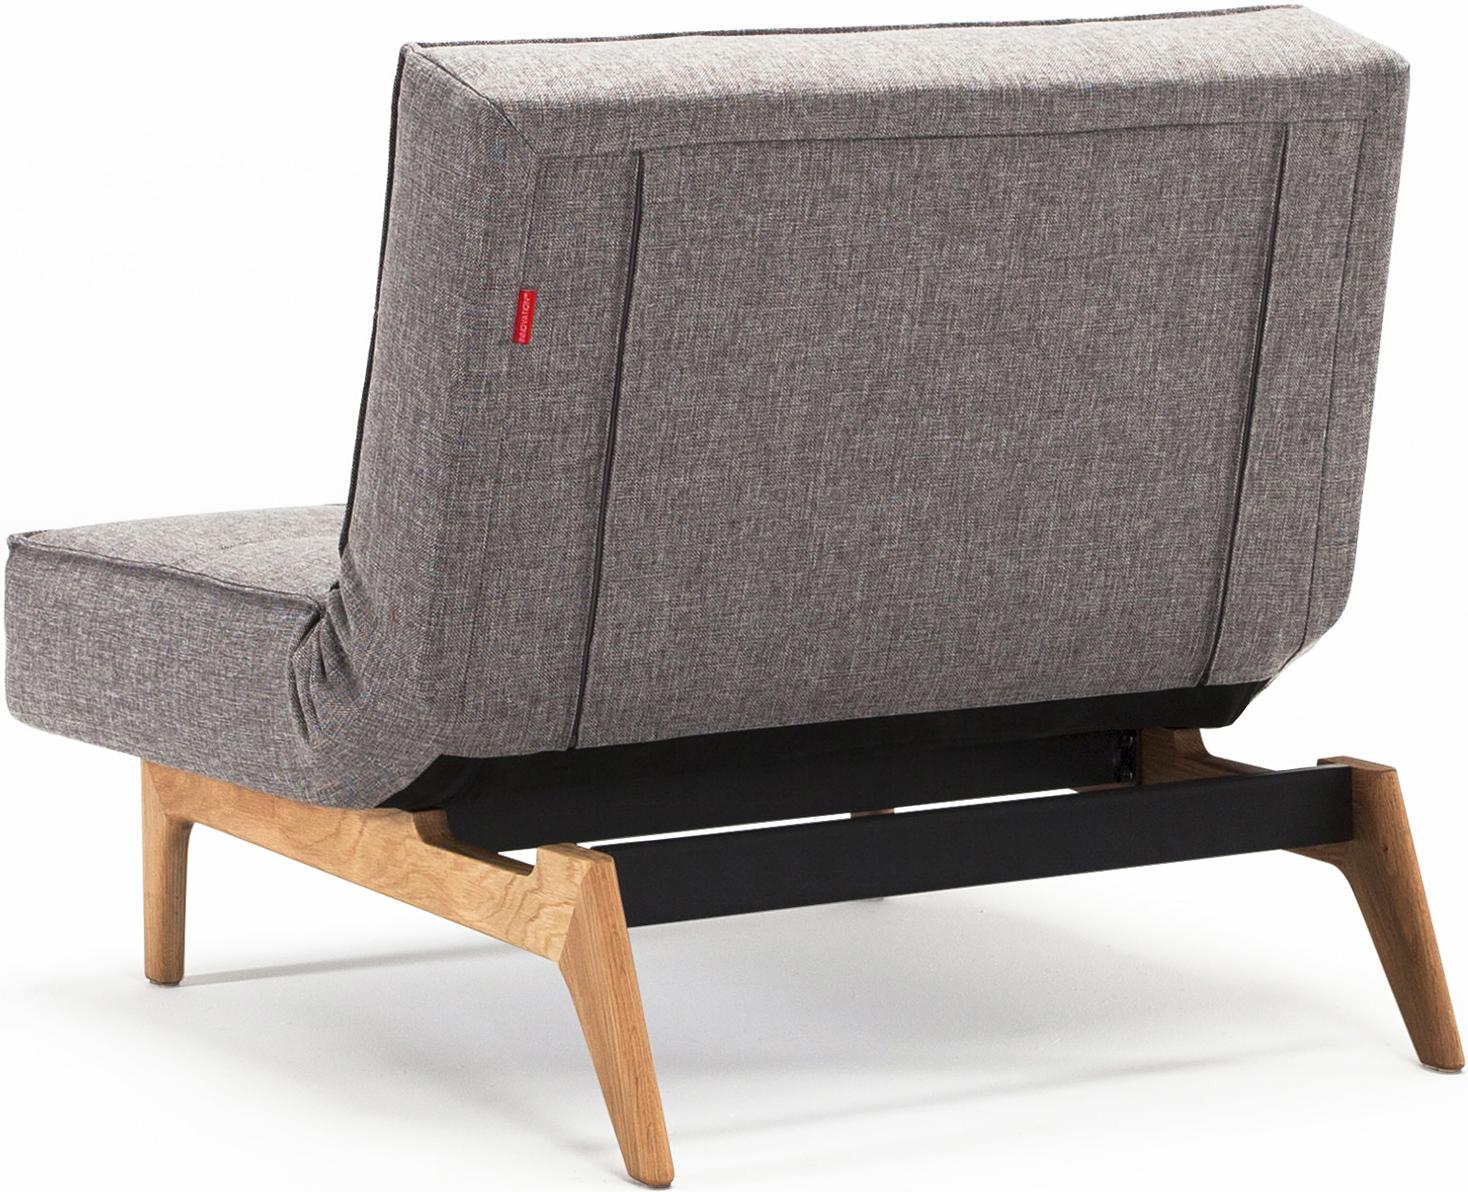 521 splitback eik chair